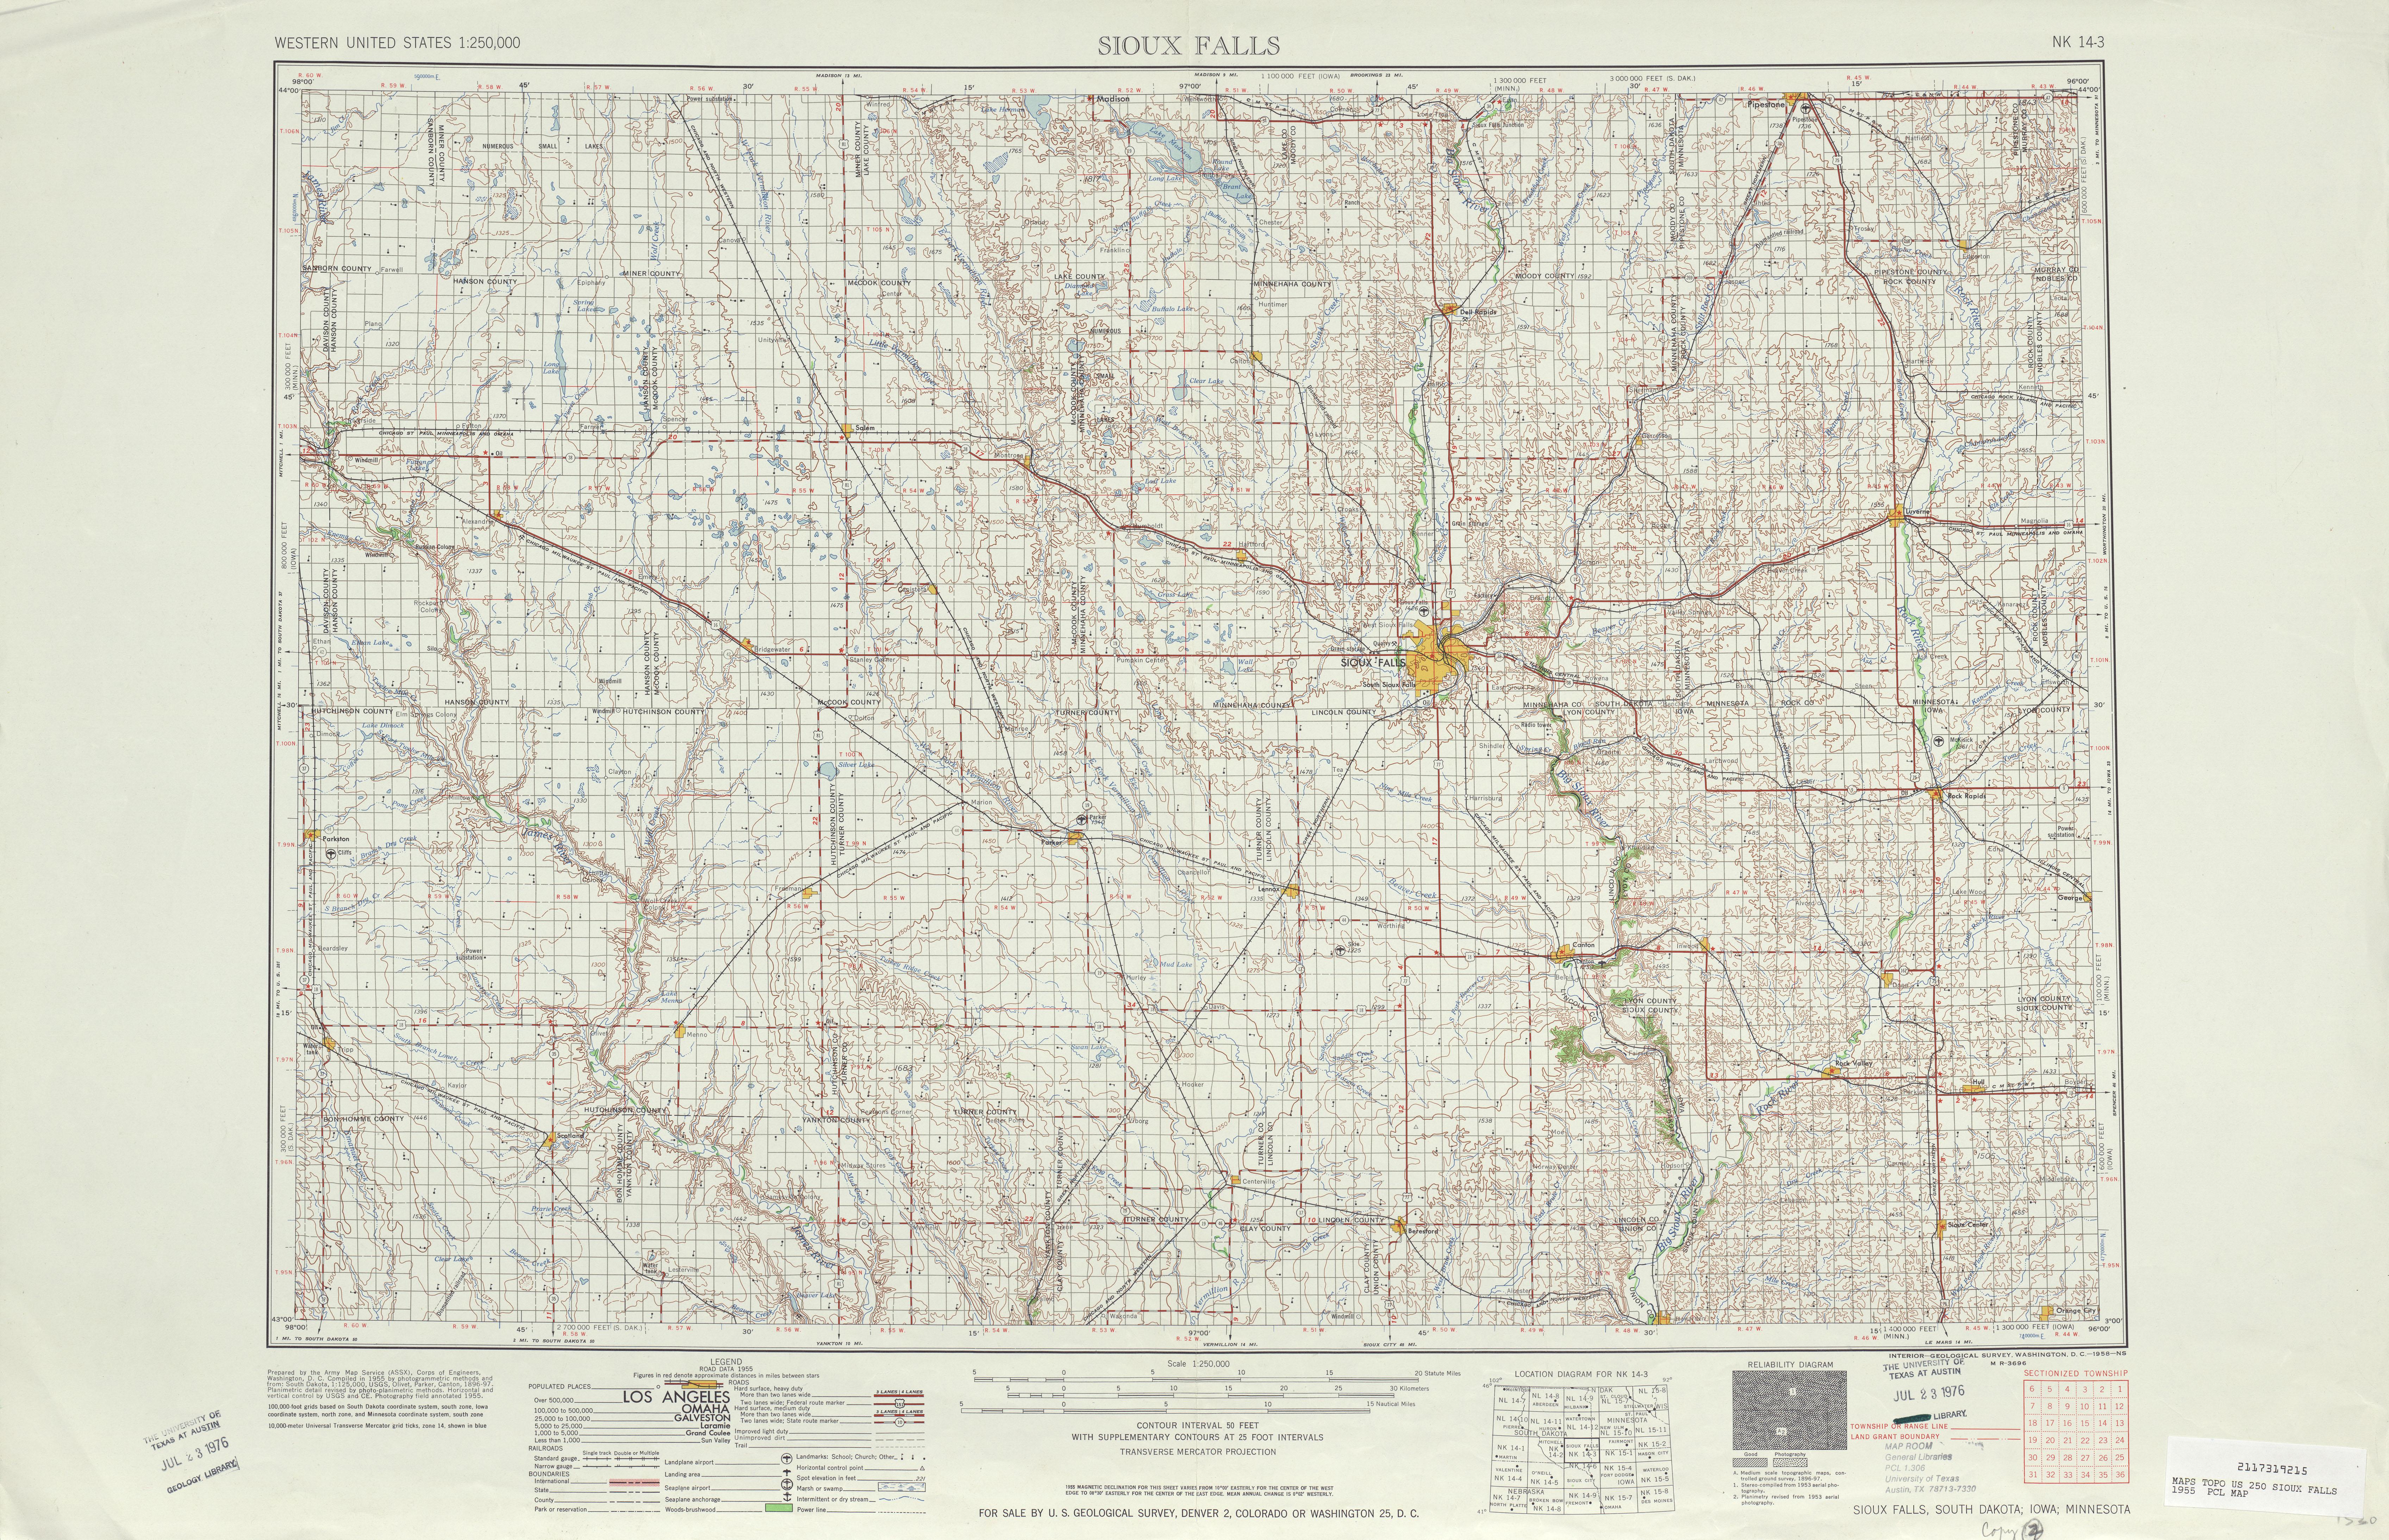 Hoja Sioux Falls del Mapa Topográfico de los Estados Unidos 1955